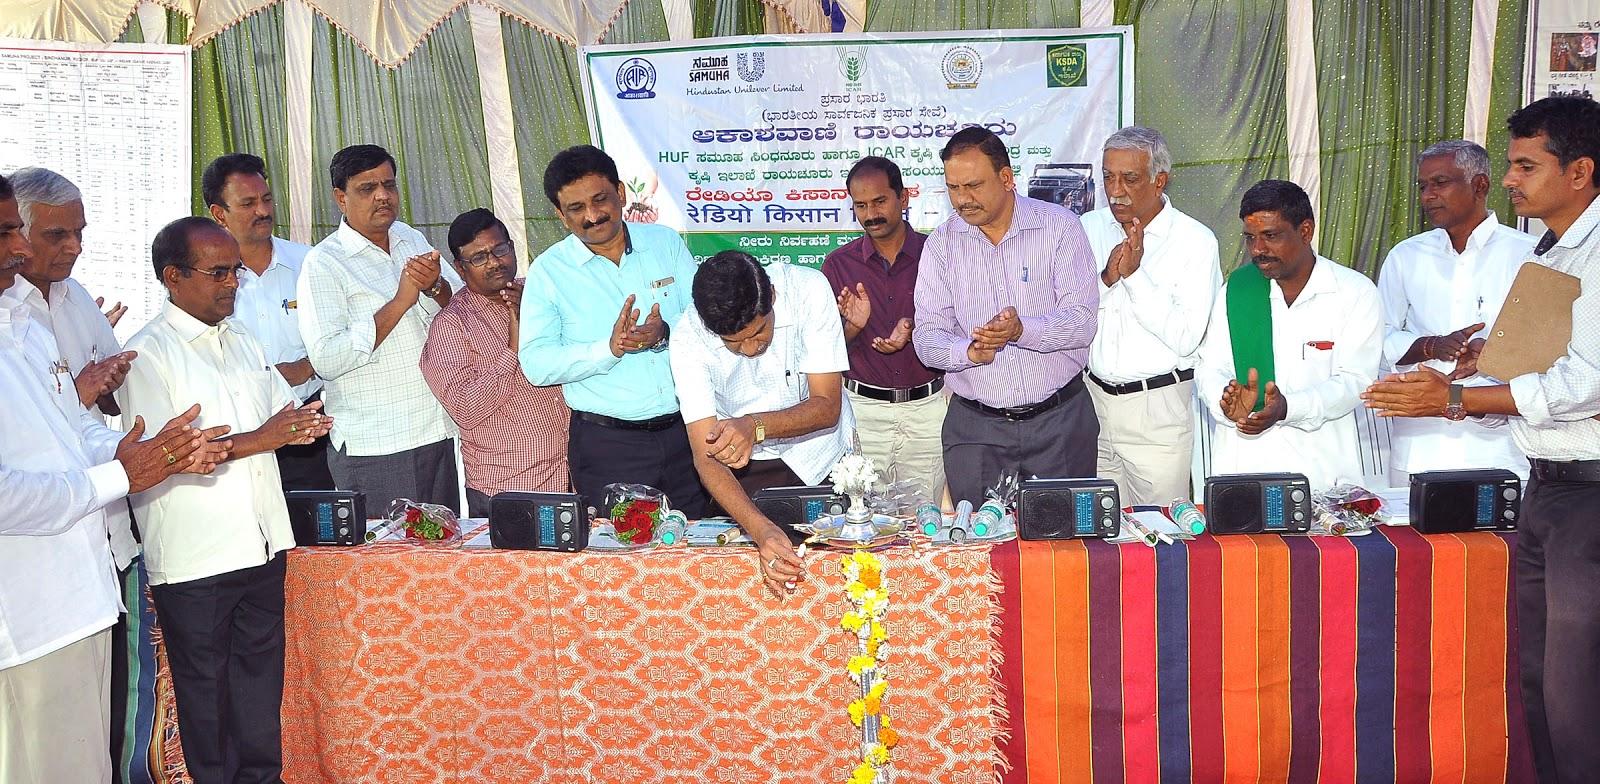 Prasar Bharati Parivar: AIR, Raichur conduct Radio Kissan Diwas 2018